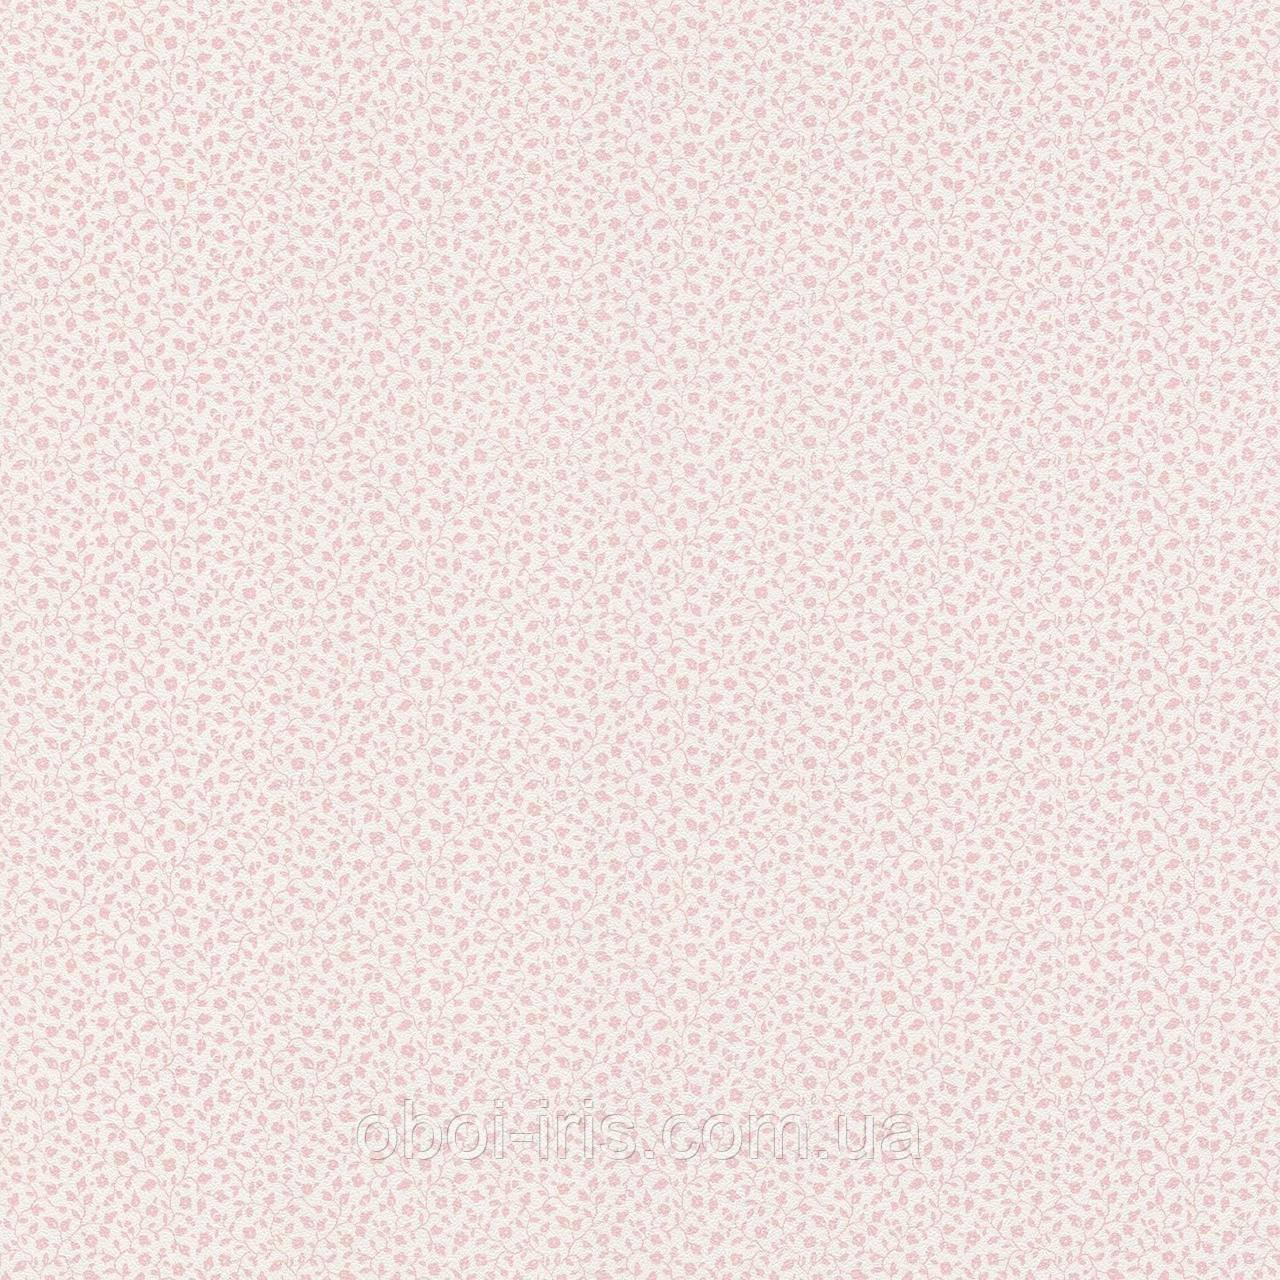 289052 шпалери Petite Fleur 4 Rasch Textil Німеччина вінілові на флізеліновій основі 0,53*10,05 м